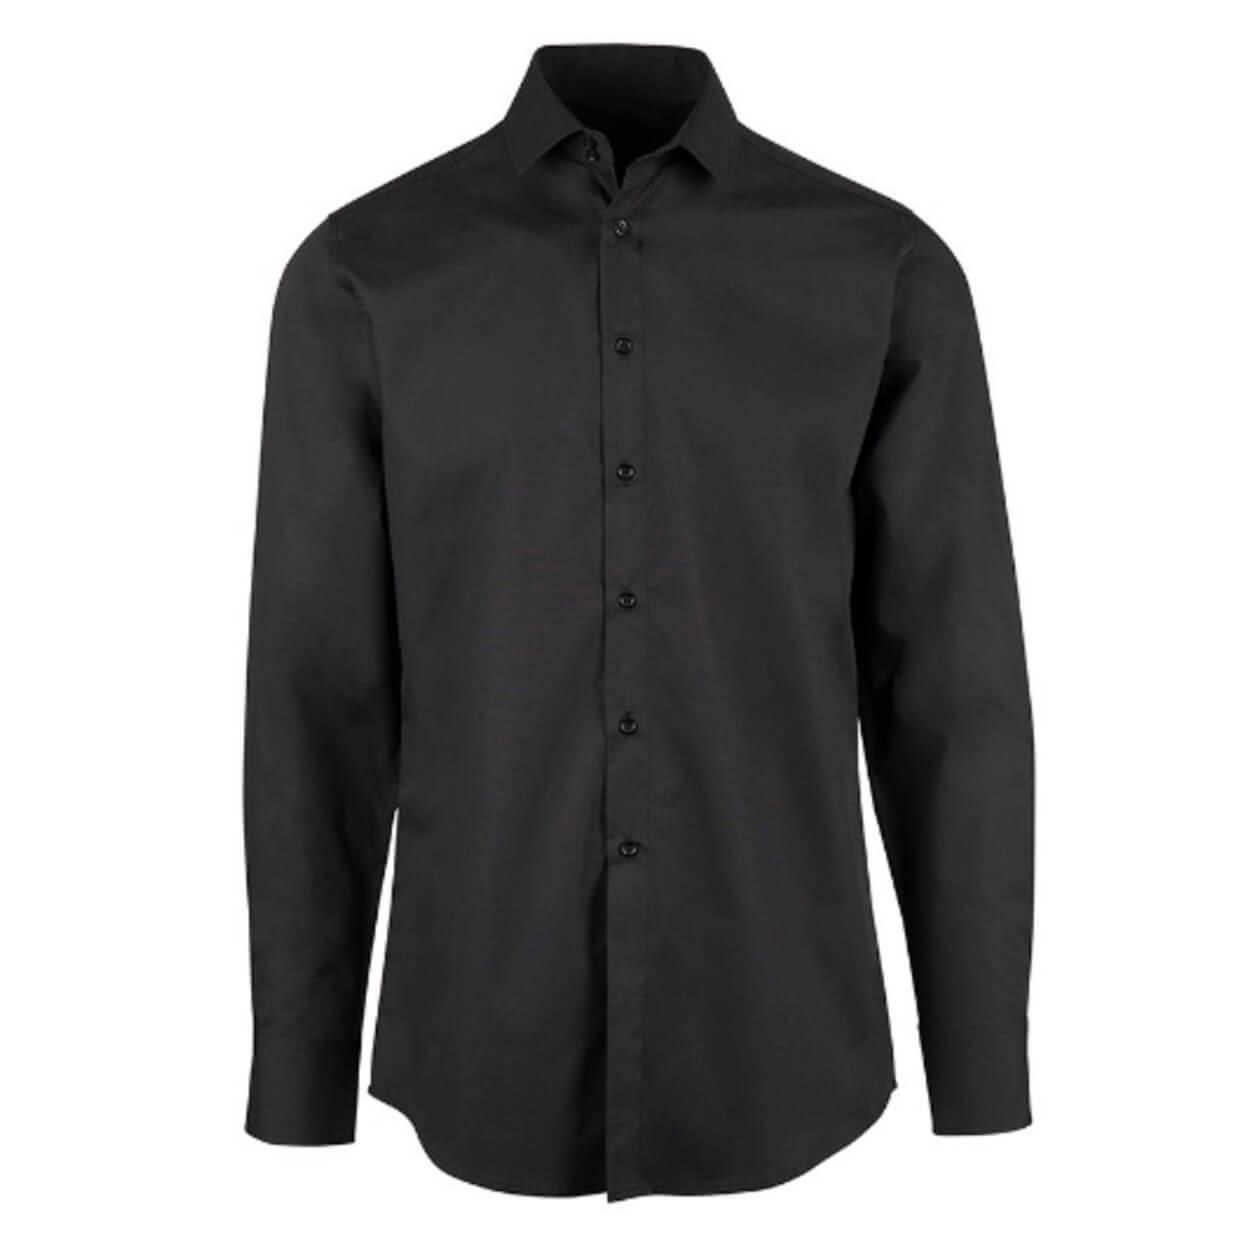 Ανδρικό μοντέρνο μακρυμάνικο πουκάμισο